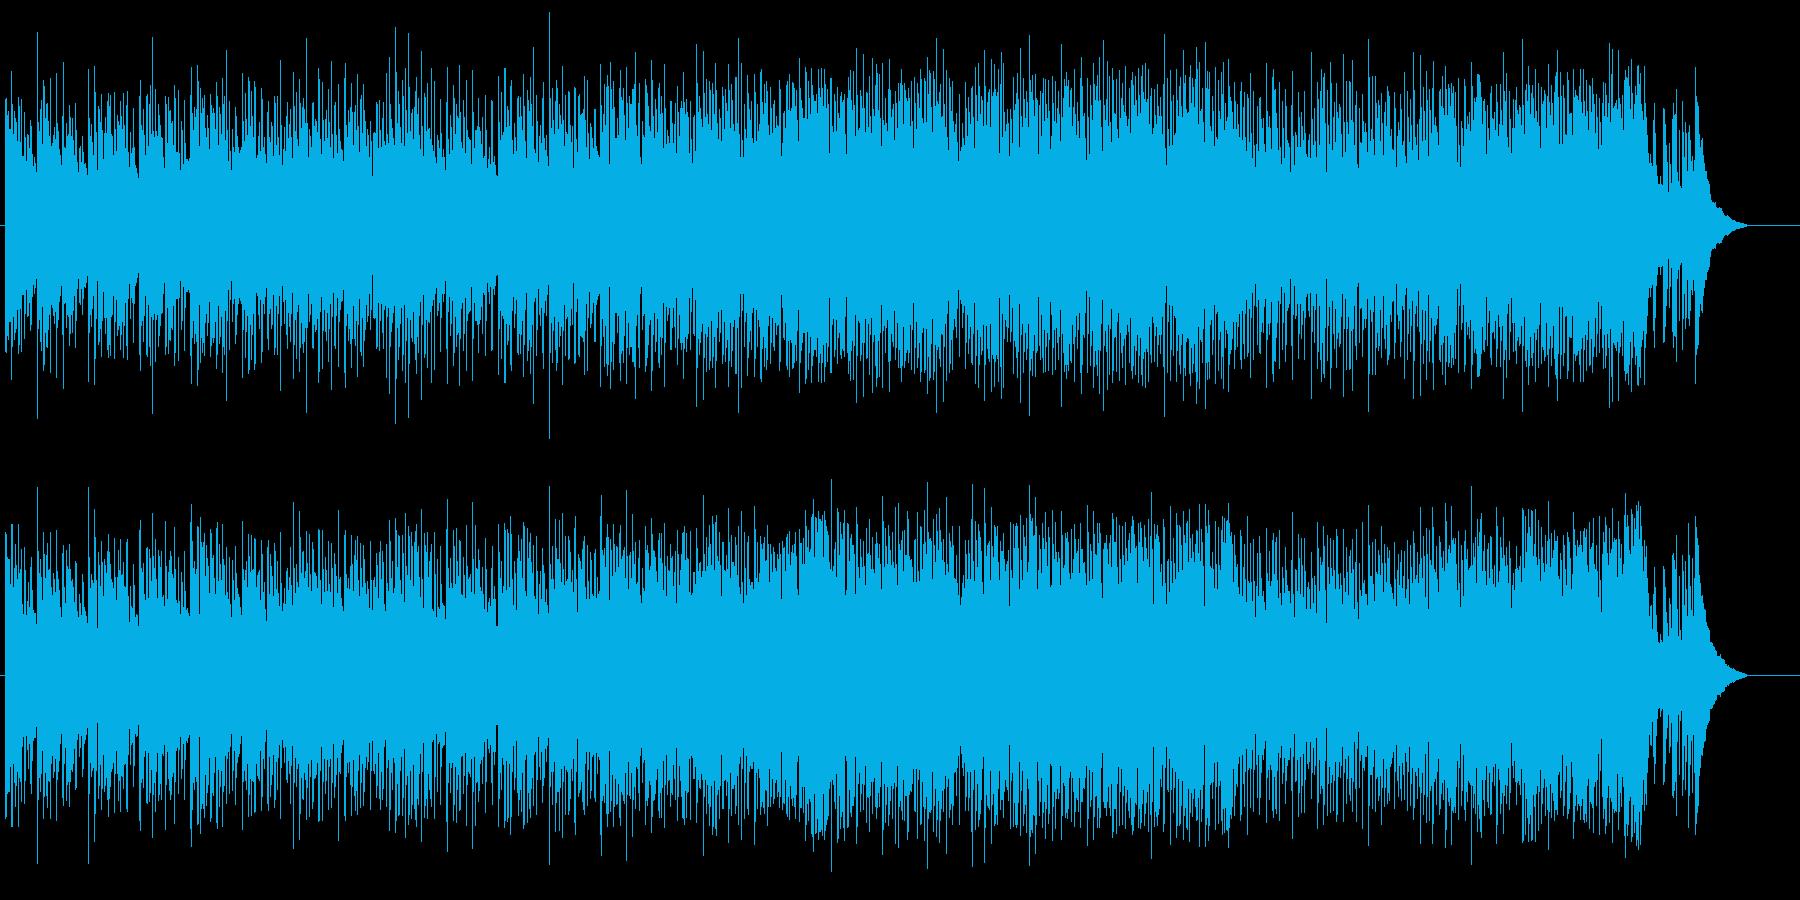 軽快でお洒落なイージーリスニングポップスの再生済みの波形